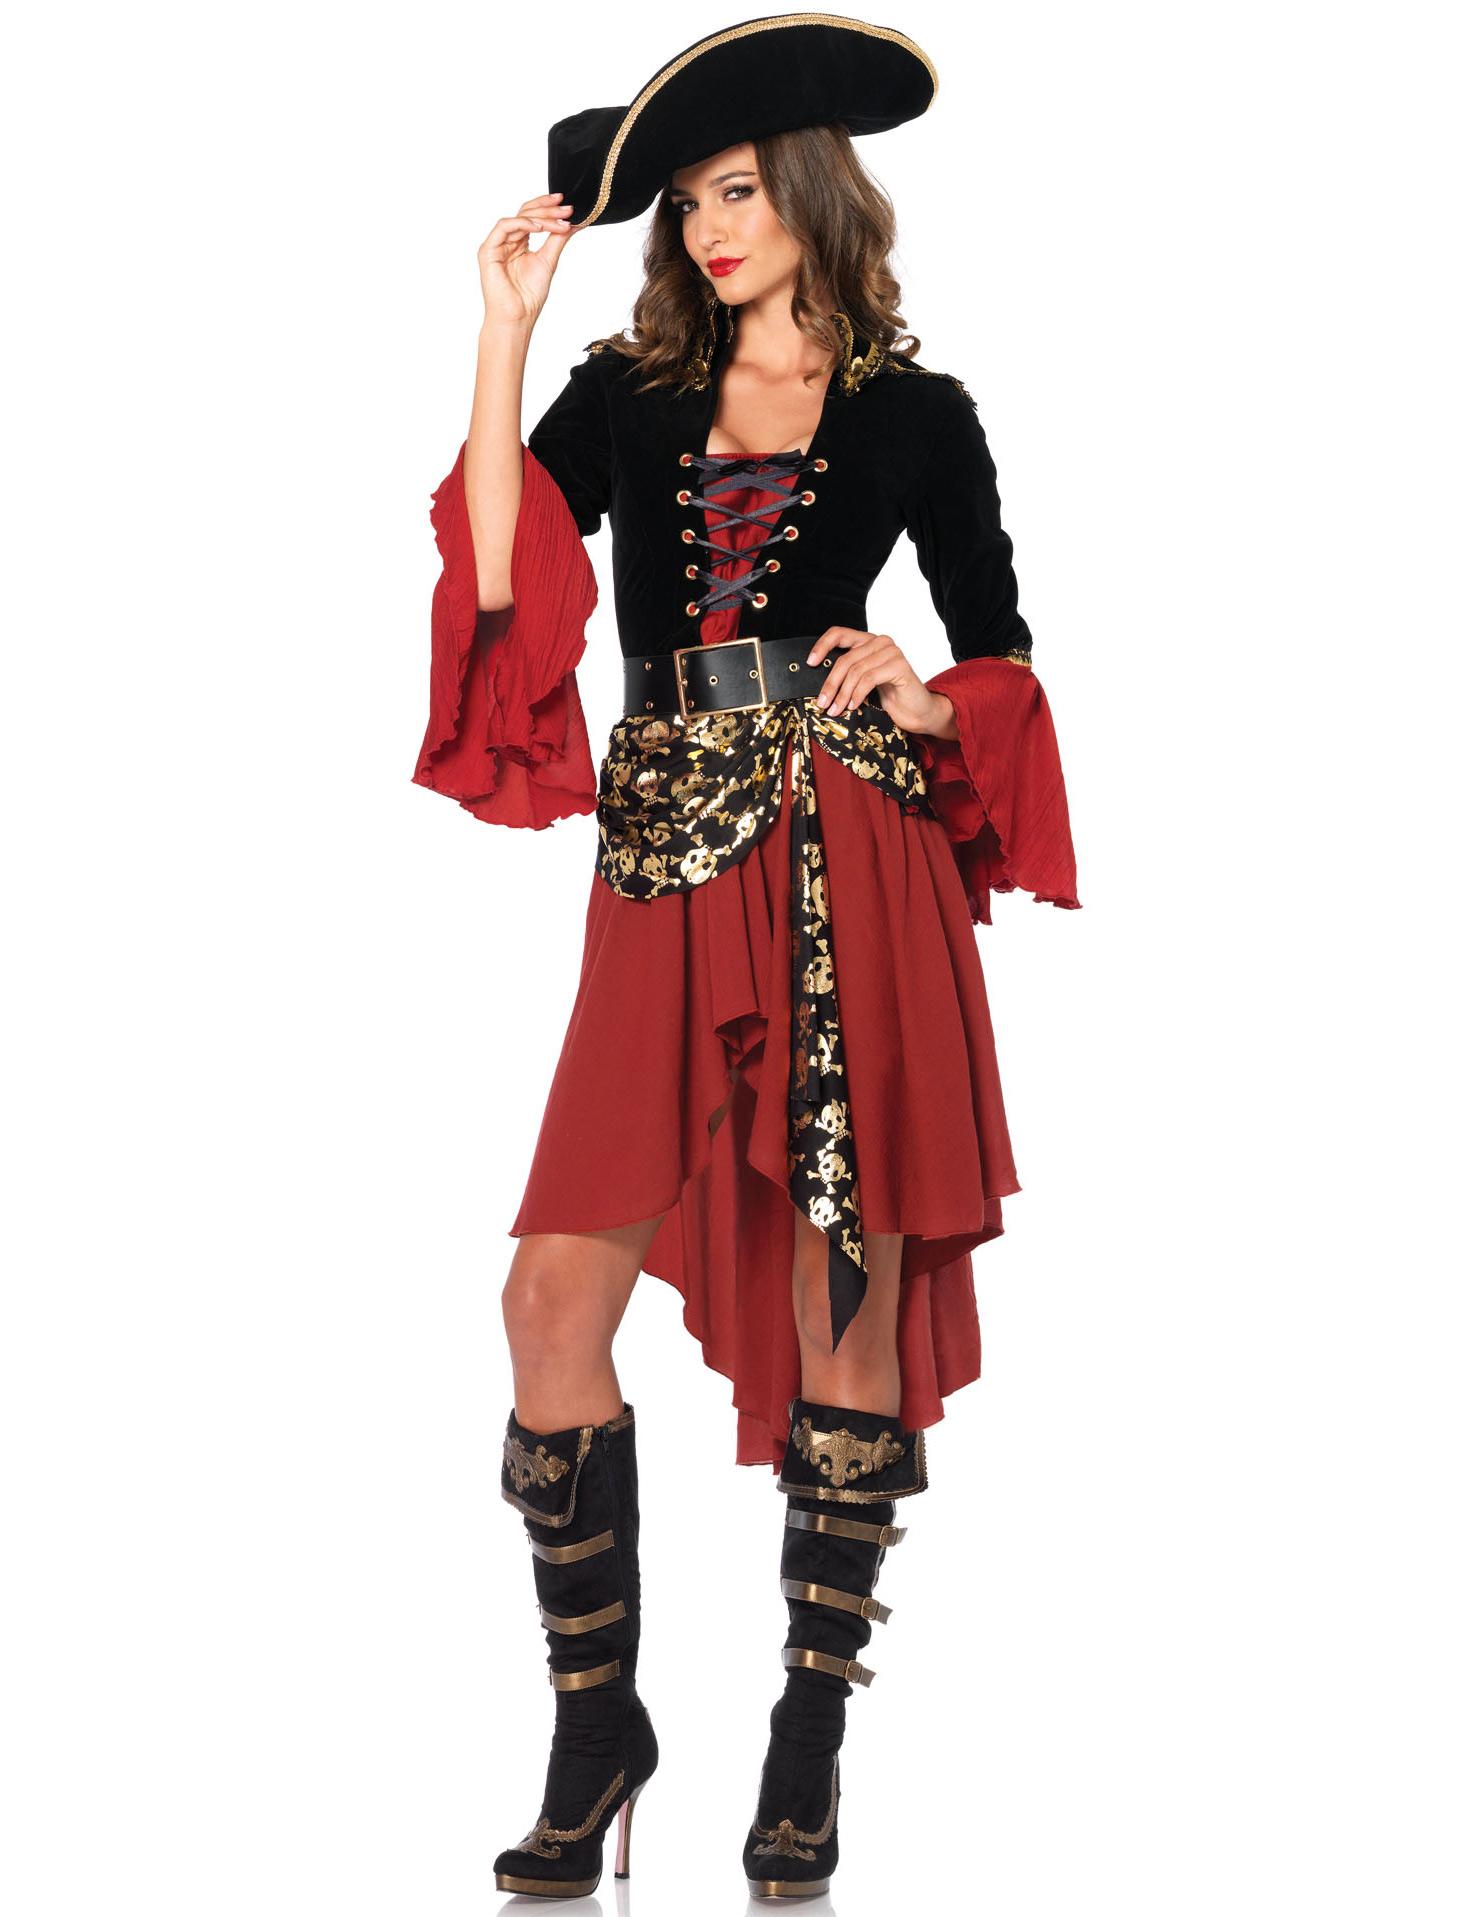 Elegantes Piraten Kostum Fur Frauen Kostume Fur Erwachsene Und